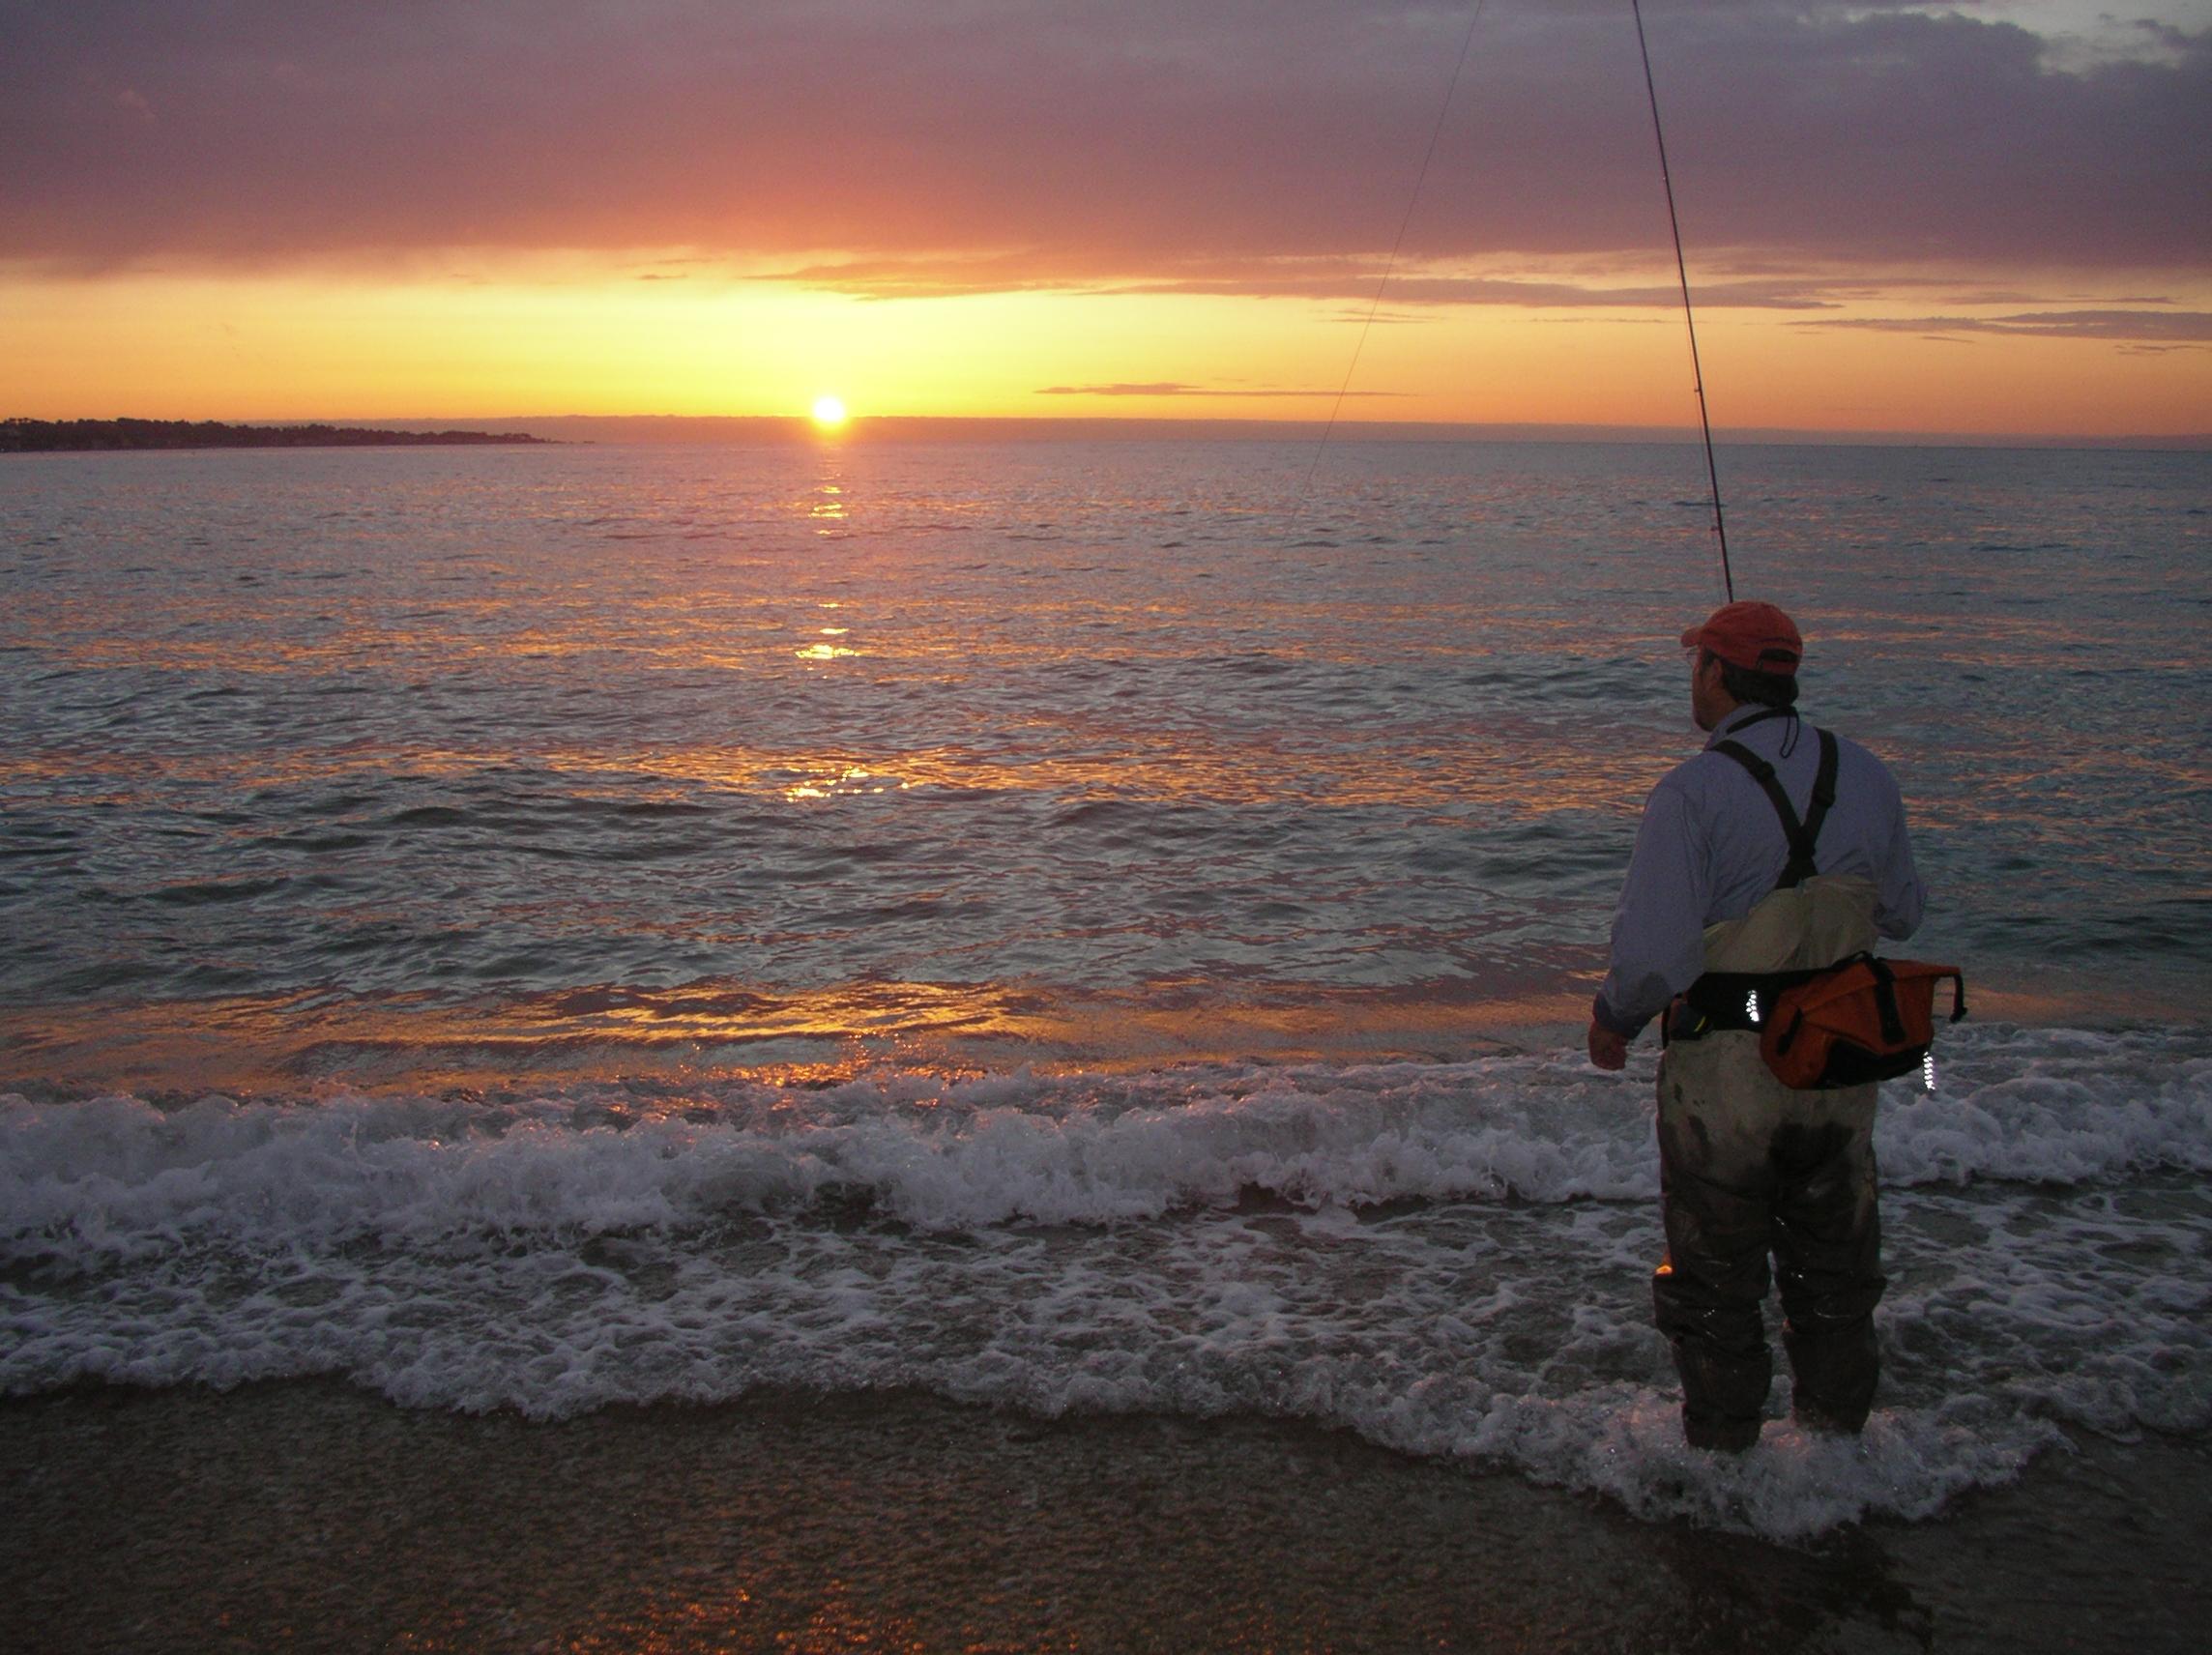 Central Coast Fly Fishing, 7164 Carmel Valley Road, Carmel, CA 93923